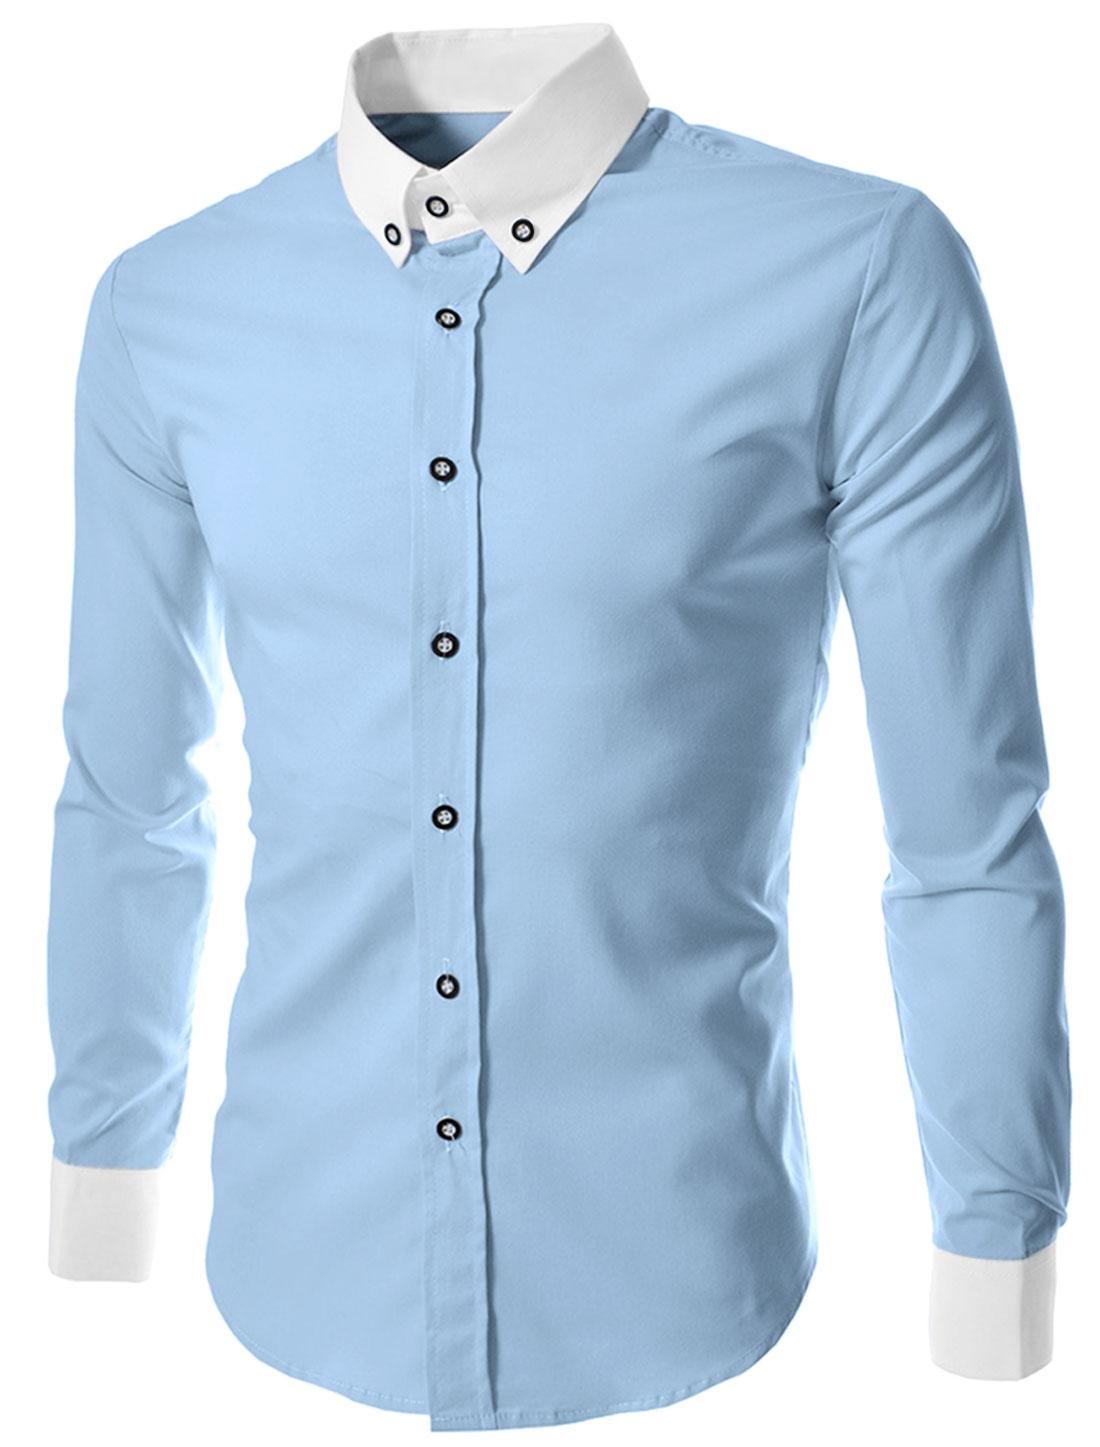 Men Button Closure Contrast Collar Cuffs Long Sleeve Shirt Light Blue M